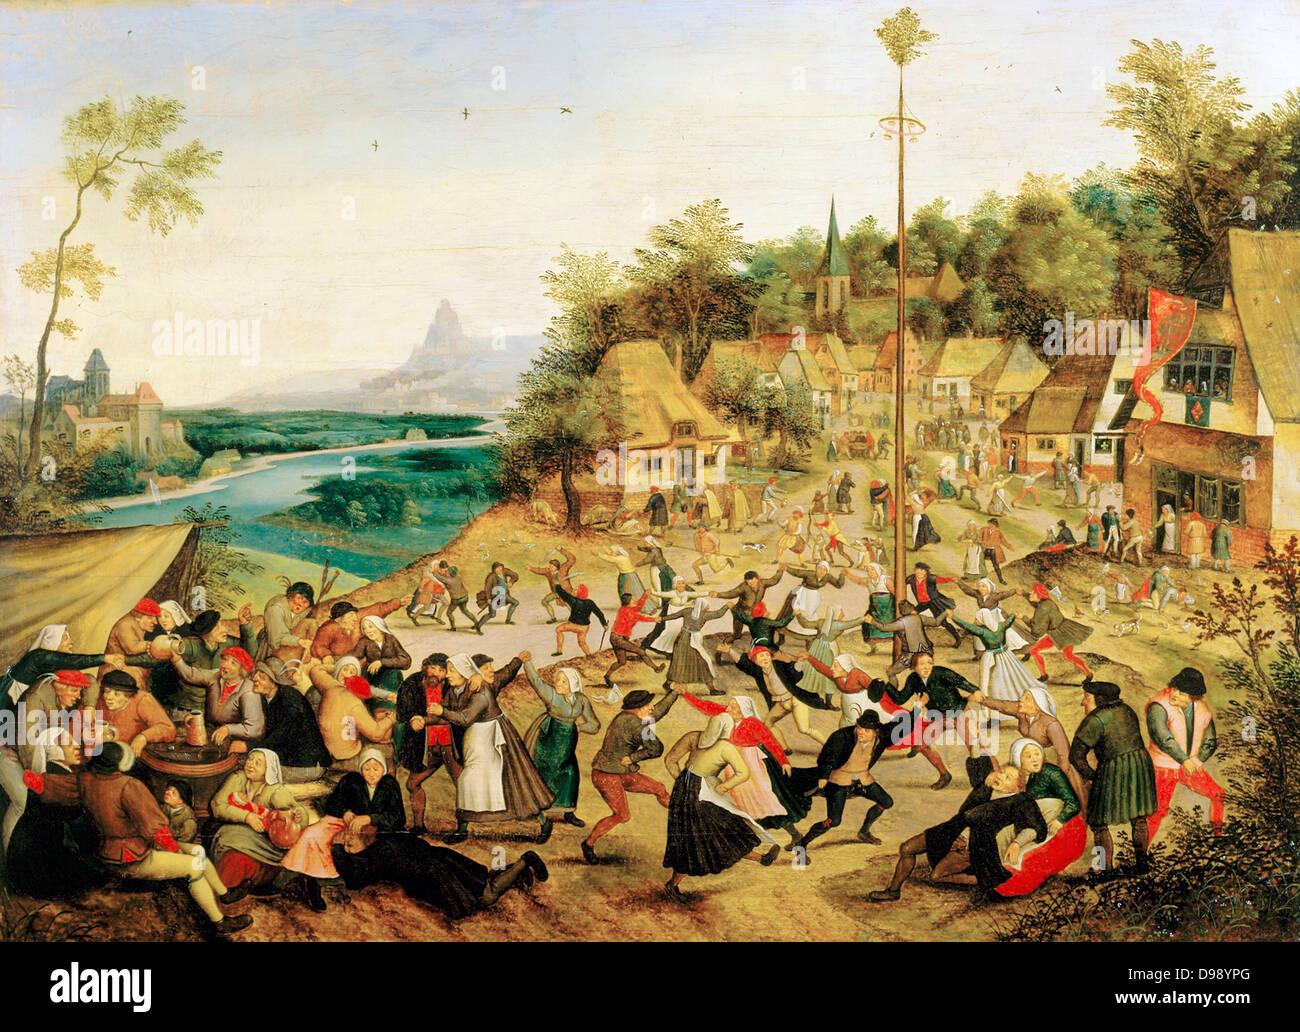 La Fete Du Village Pieter Breughel Le Jeune C1564 1638 Peintre Flamand De La Renaissance Du Nord Photo Stock Alamy